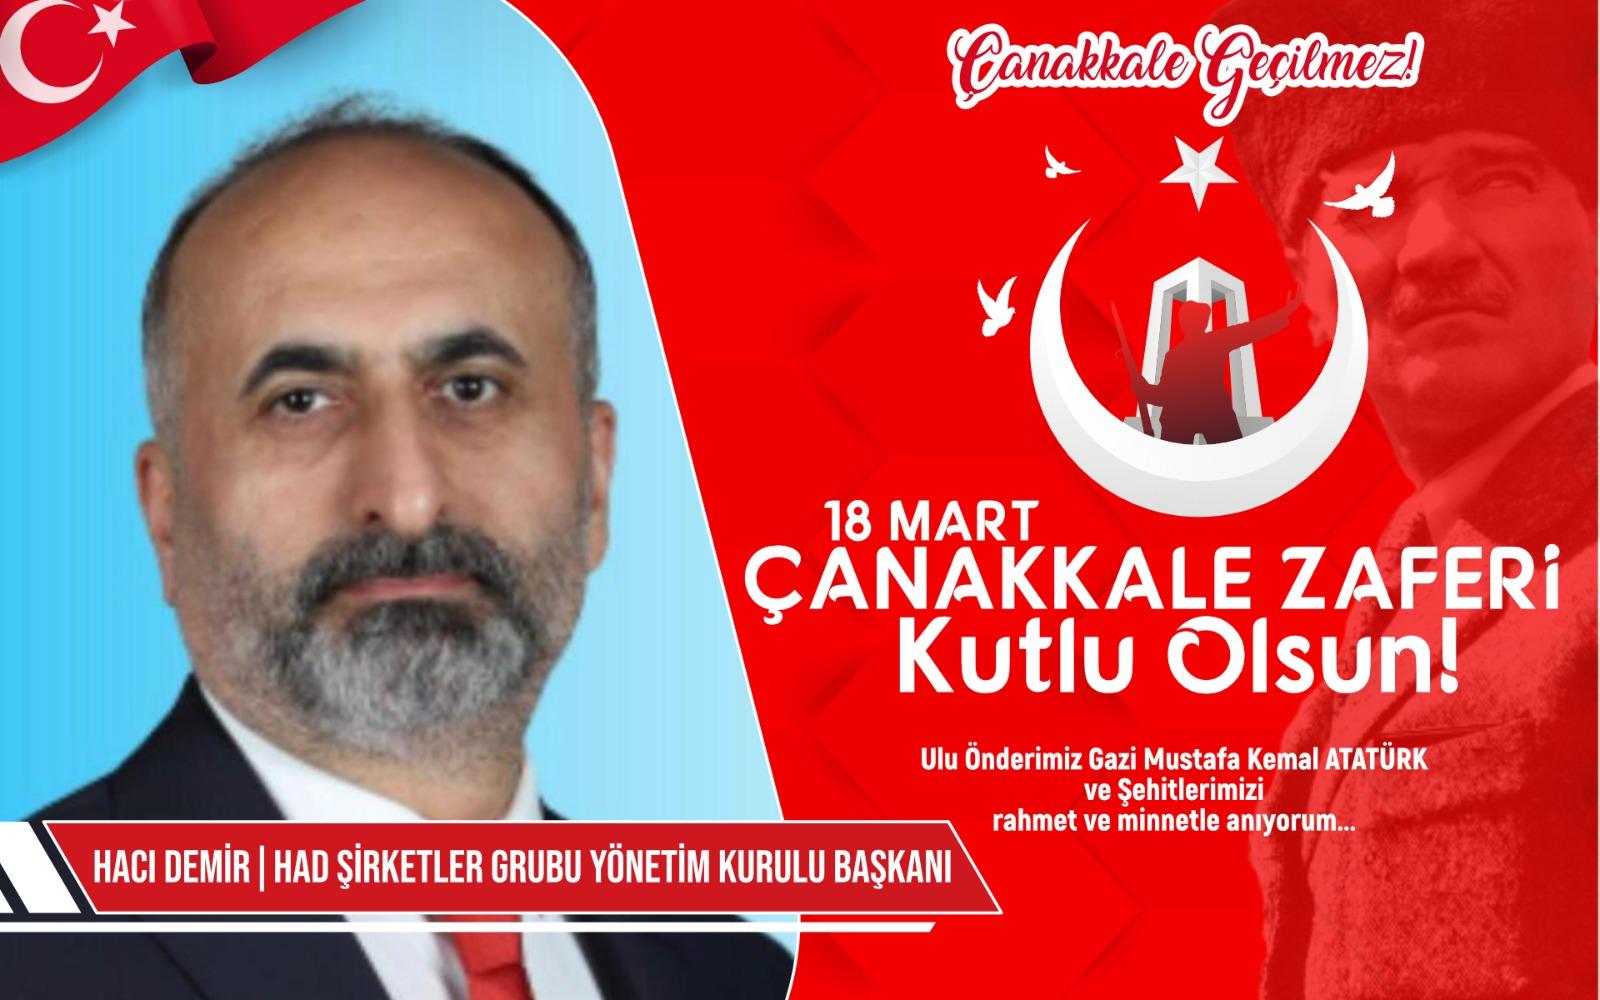 HAD Şirketler Grubu Yönetim Kurulu Başkanı Hacı Demir'den Kutlama ve Anma mesajı